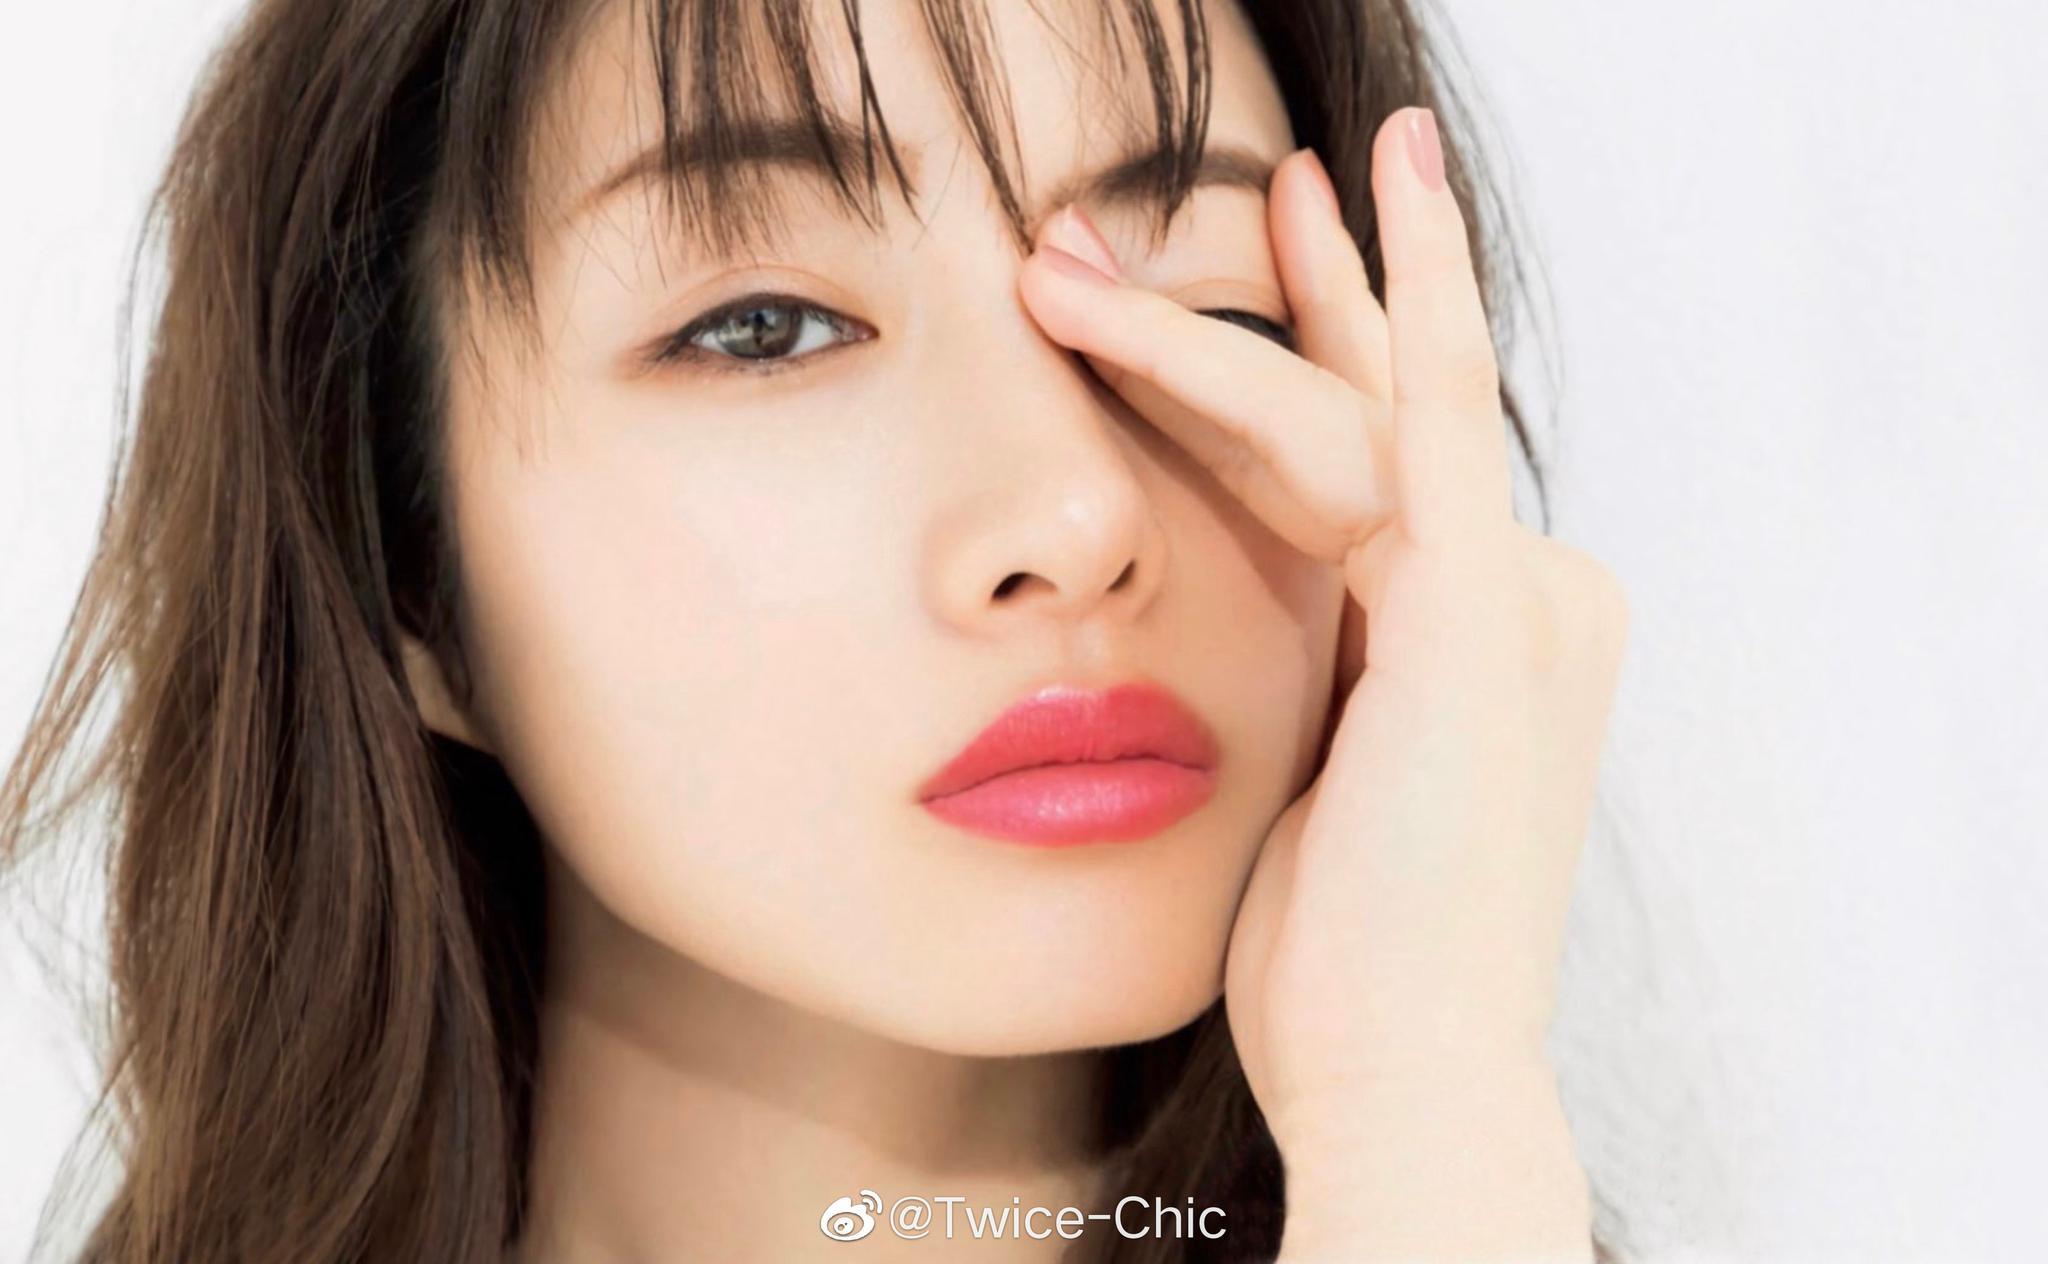 石原里美 x MAQUIA 5月刊 | 啫喱草莓唇,柳叶弯月眉